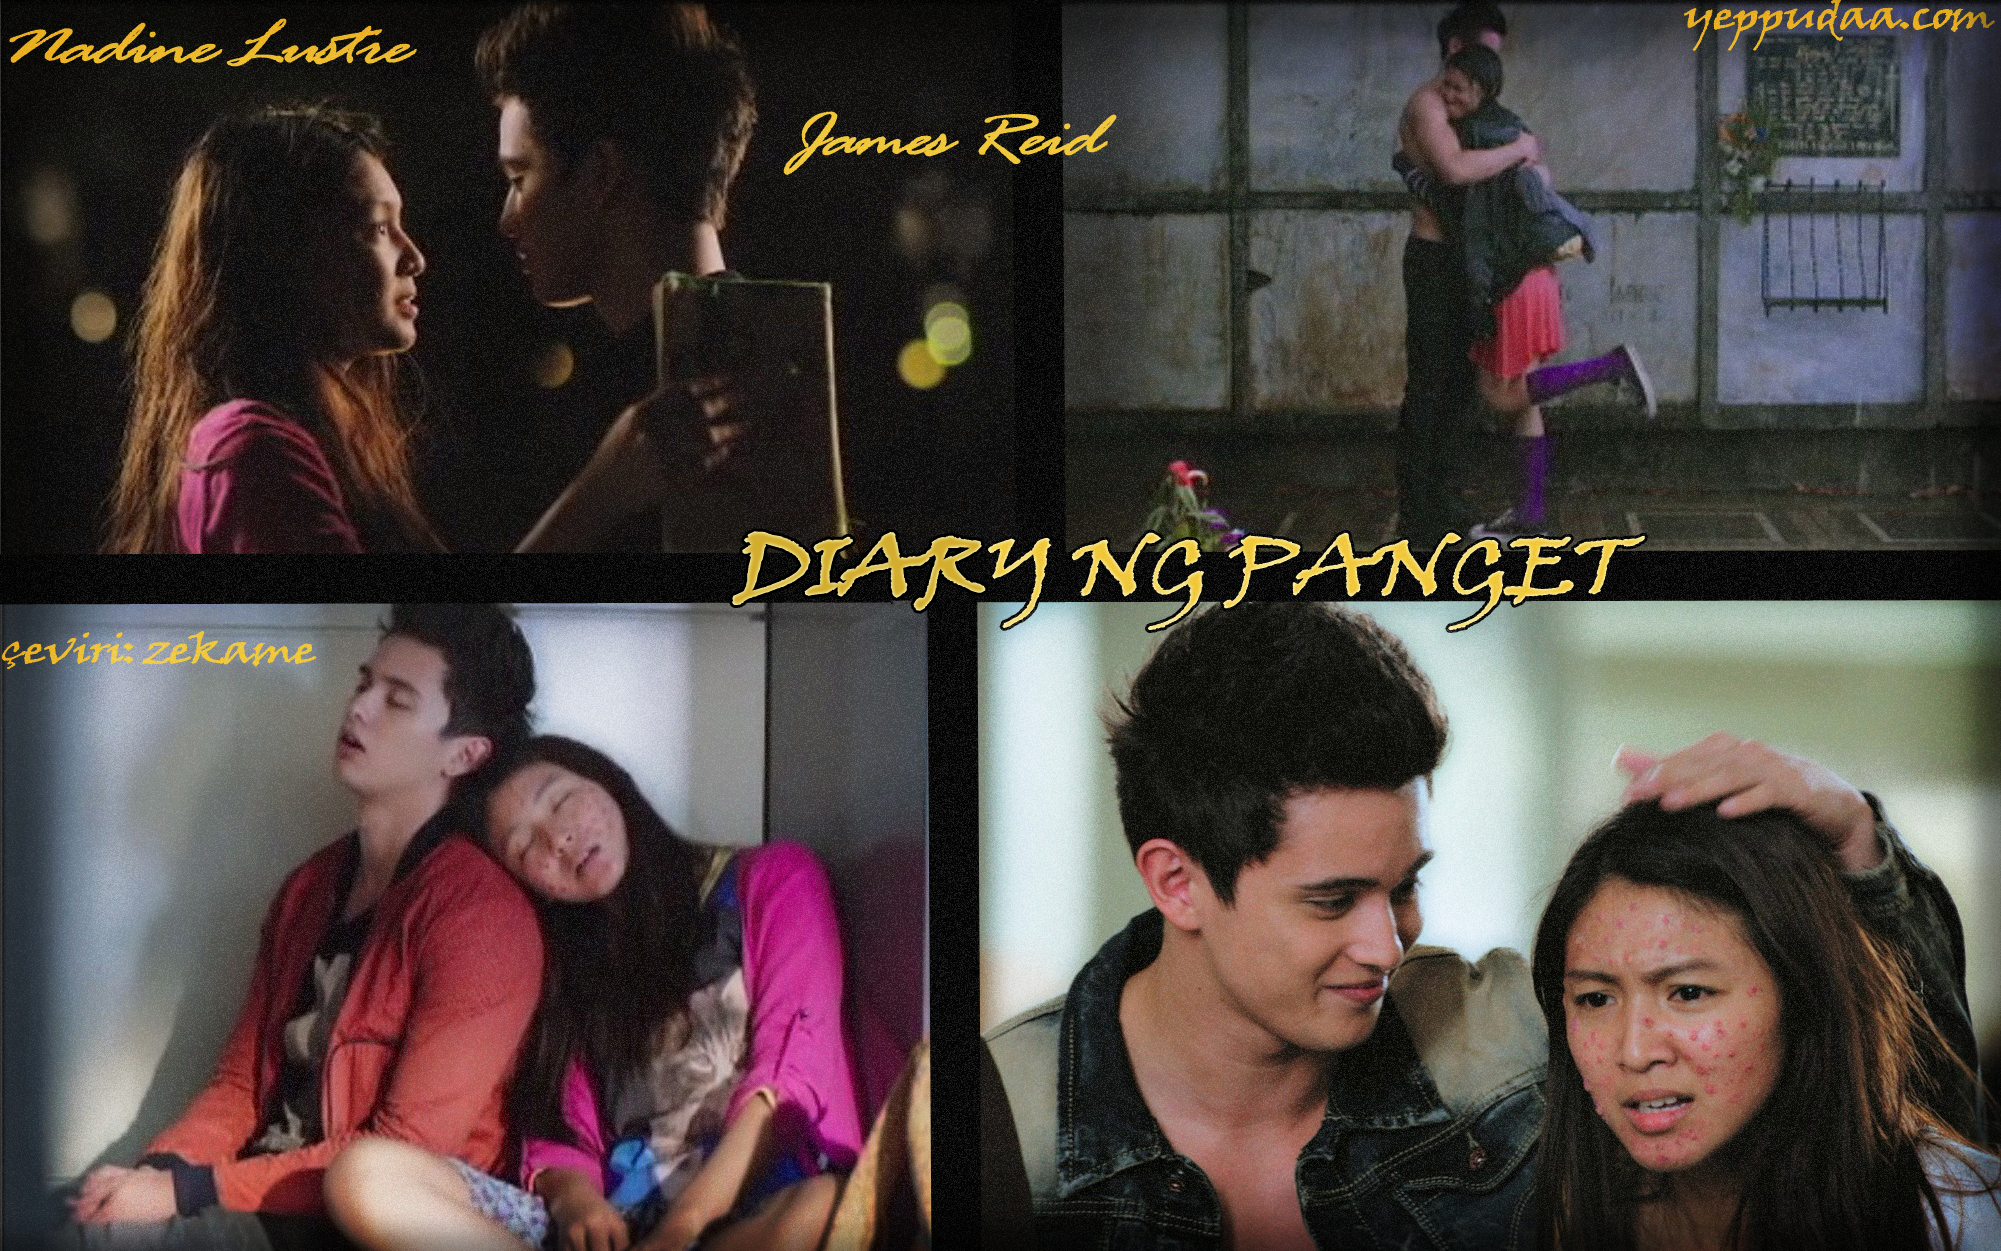 Diary ng Panget / 2014 / Filipinler / Mp4 / TR Altyazılı